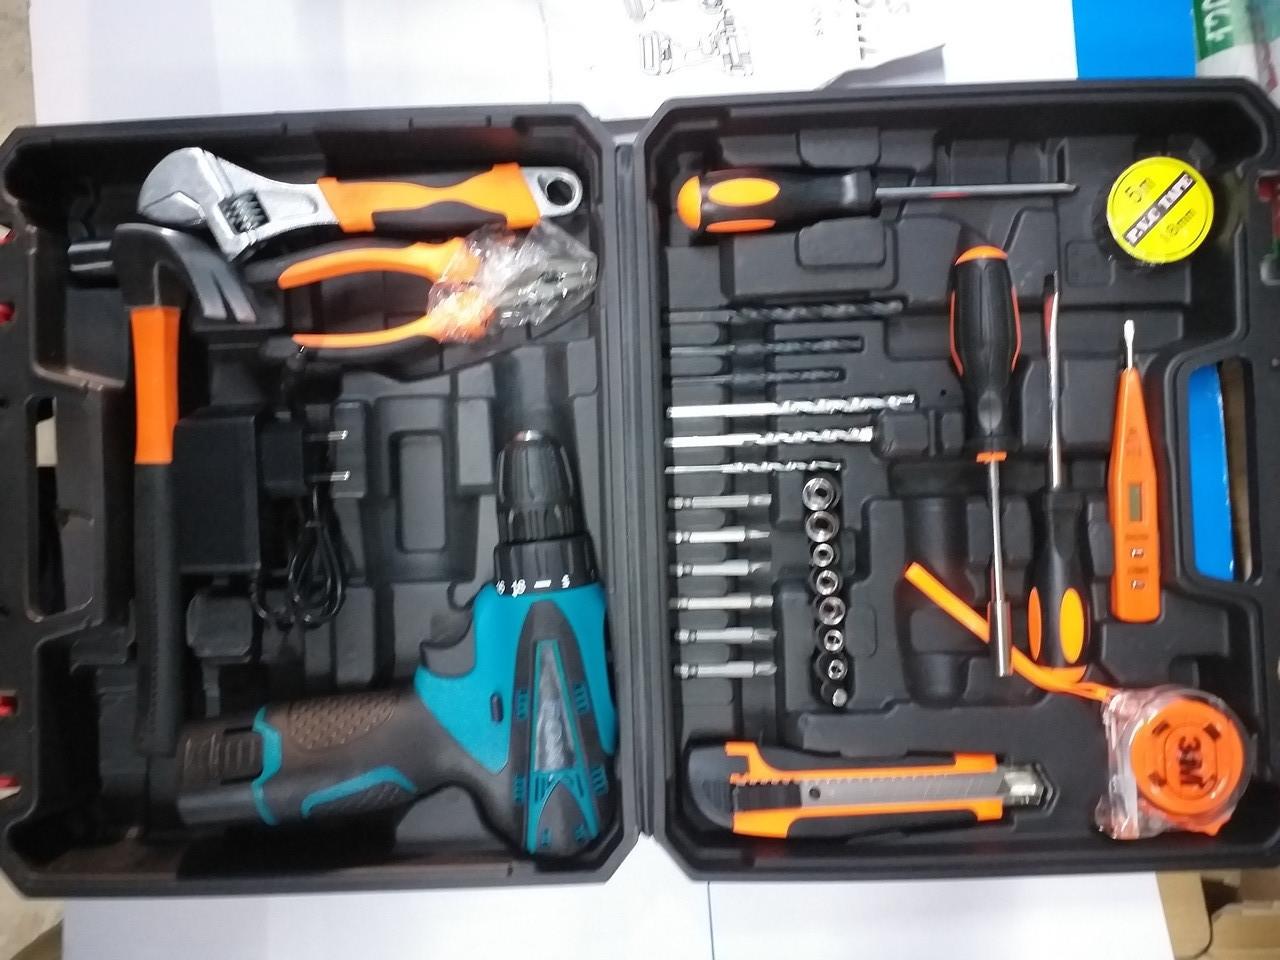 Шуруповерт у валізі c-157 / Набір інструментів предметів 35